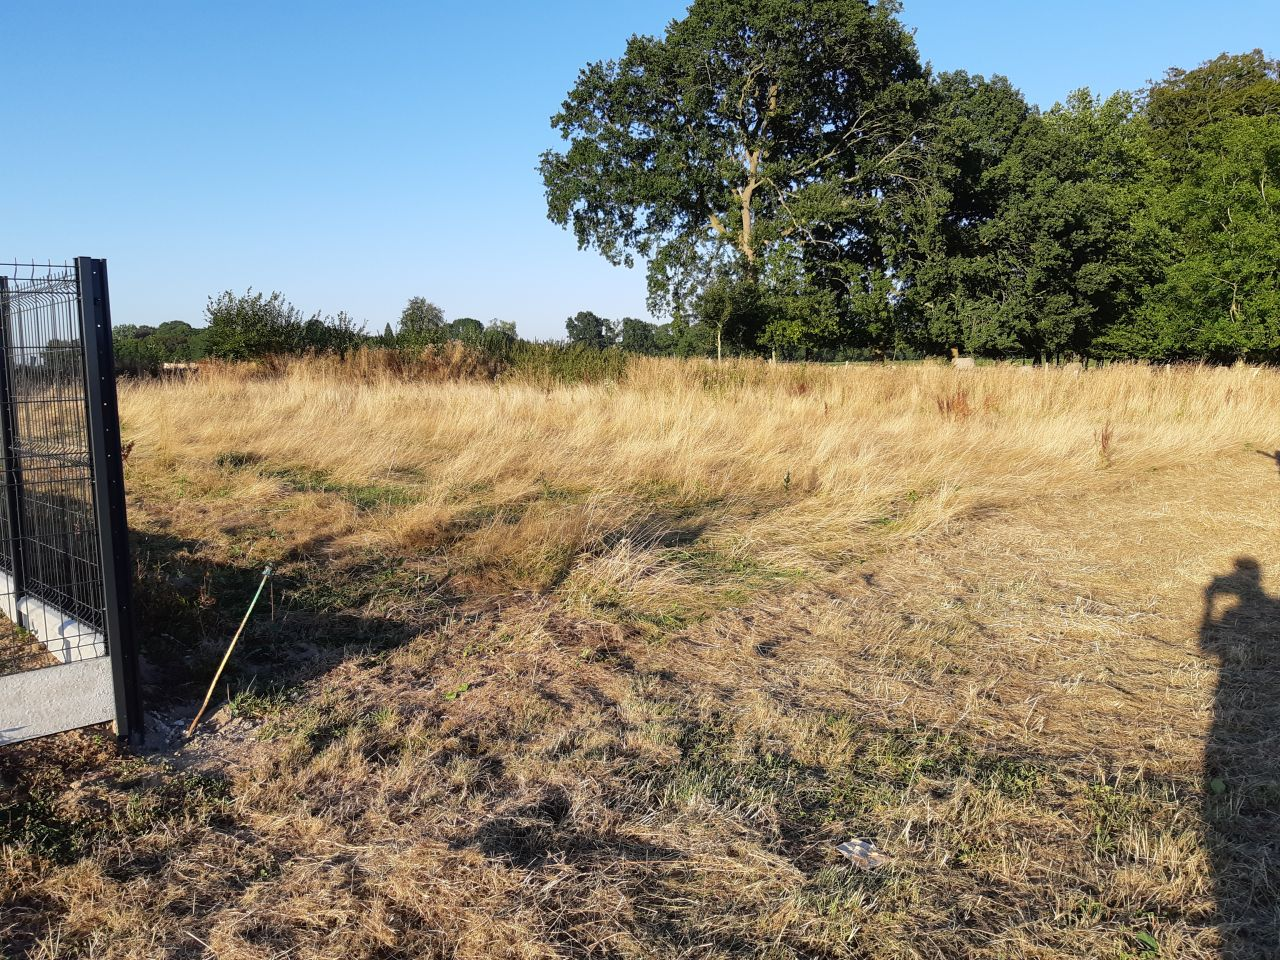 le terrain cet été avec les hautes herbes et le talus caché en face sur la gauche